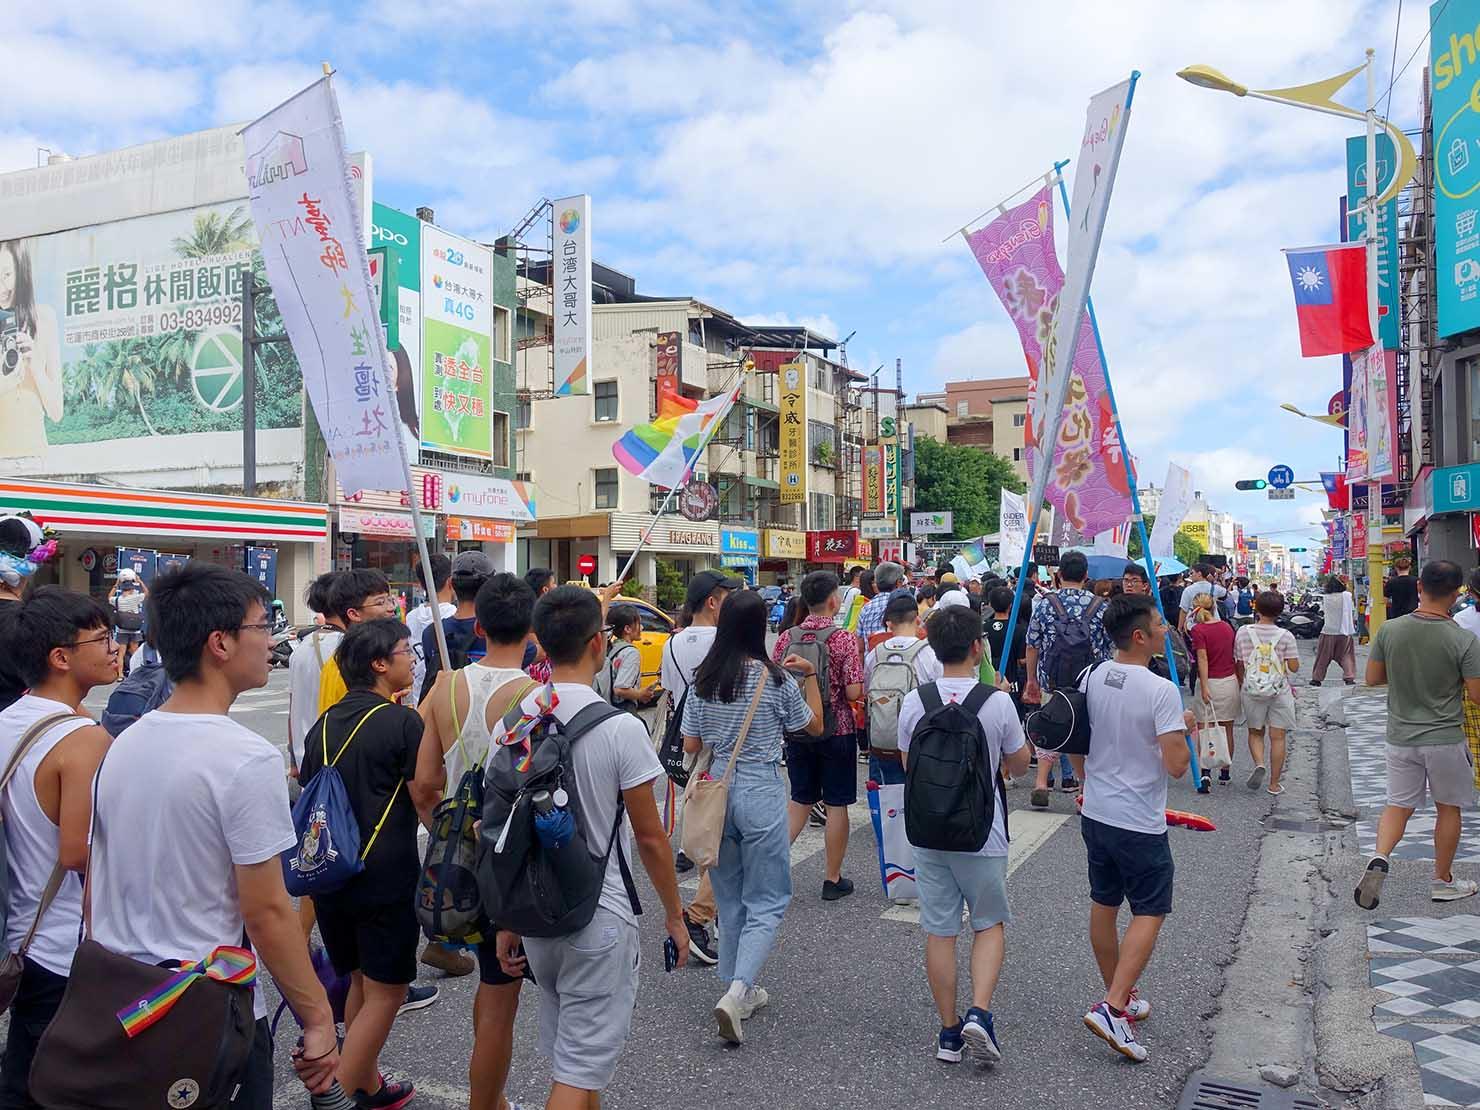 花東彩虹嘉年華(台湾東部LGBTプライド)のパレード隊列